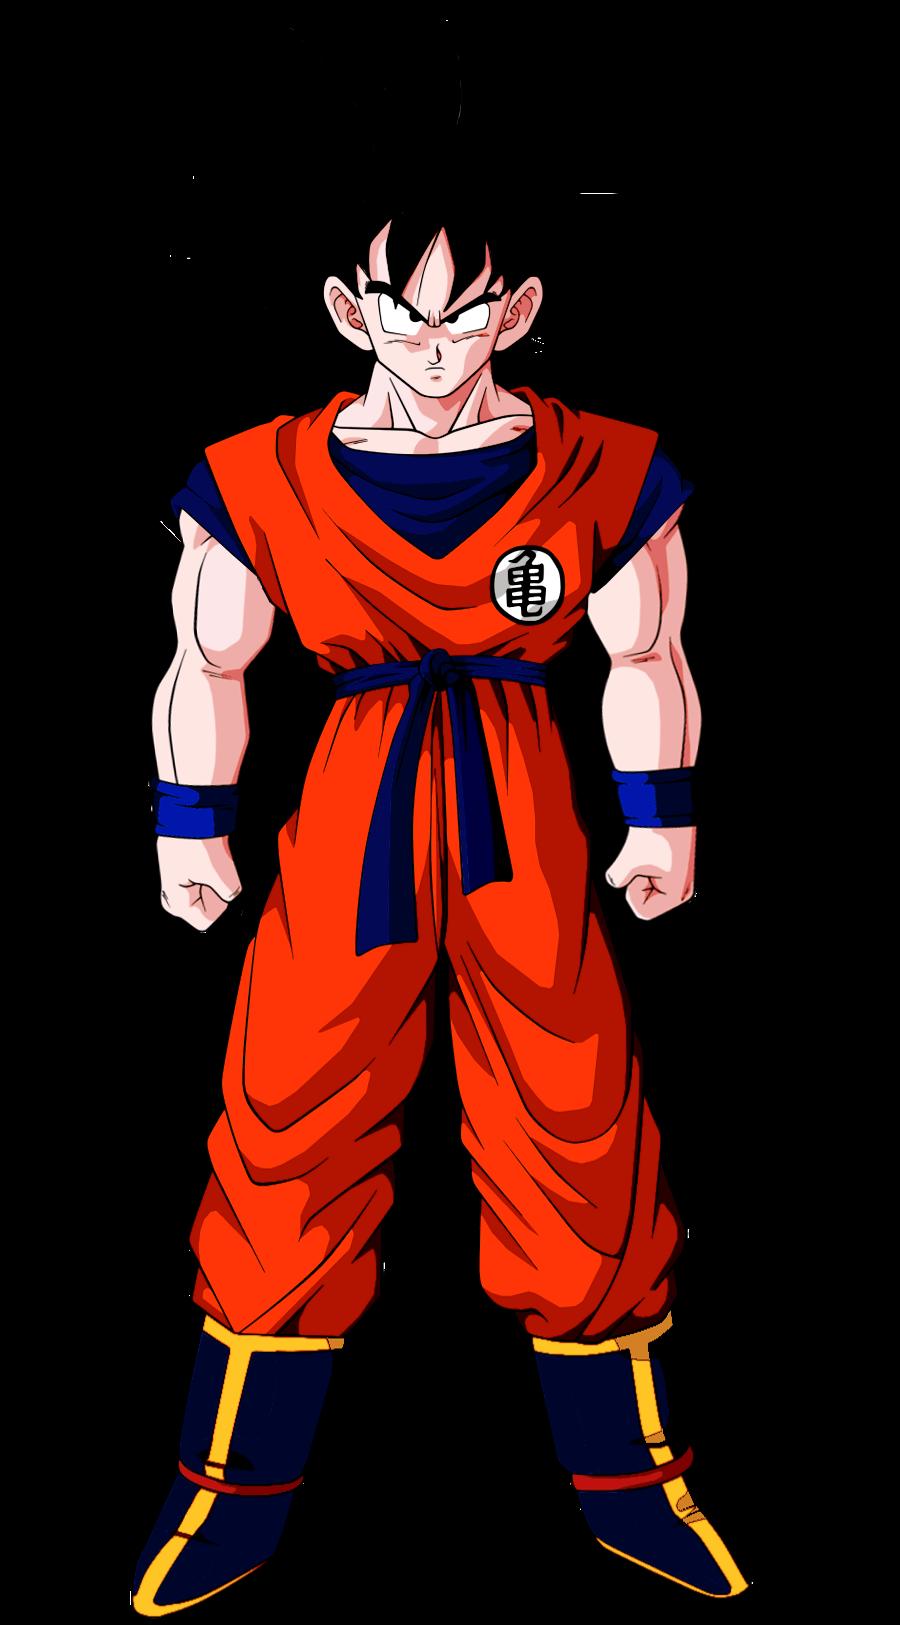 Goku By Feeh05051995 On Deviantart